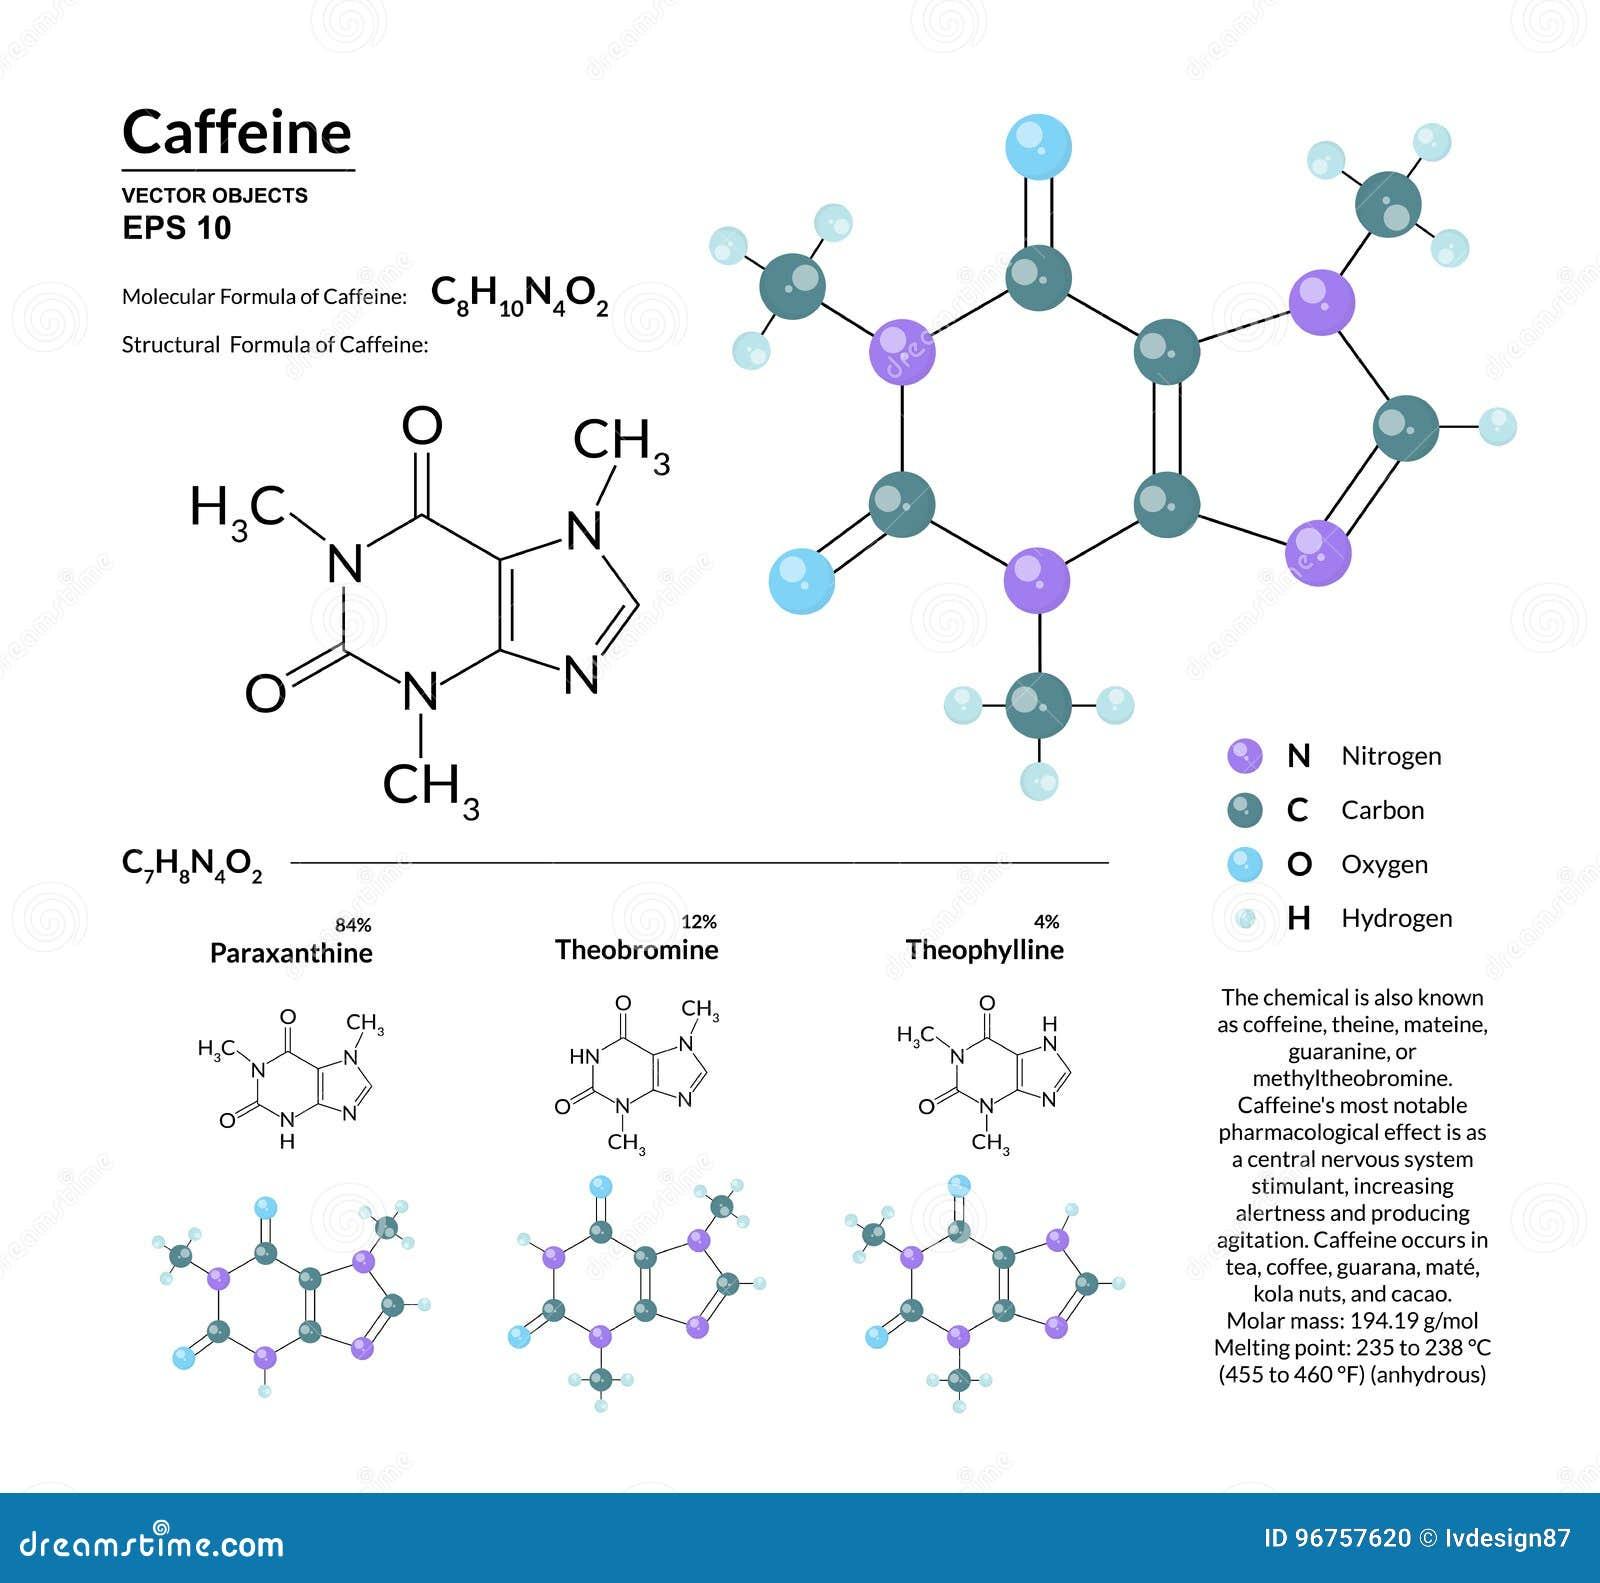 Structureel chemisch moleculair formule en model van cafeïne De atomen worden vertegenwoordigd als gebieden met kleurencodage